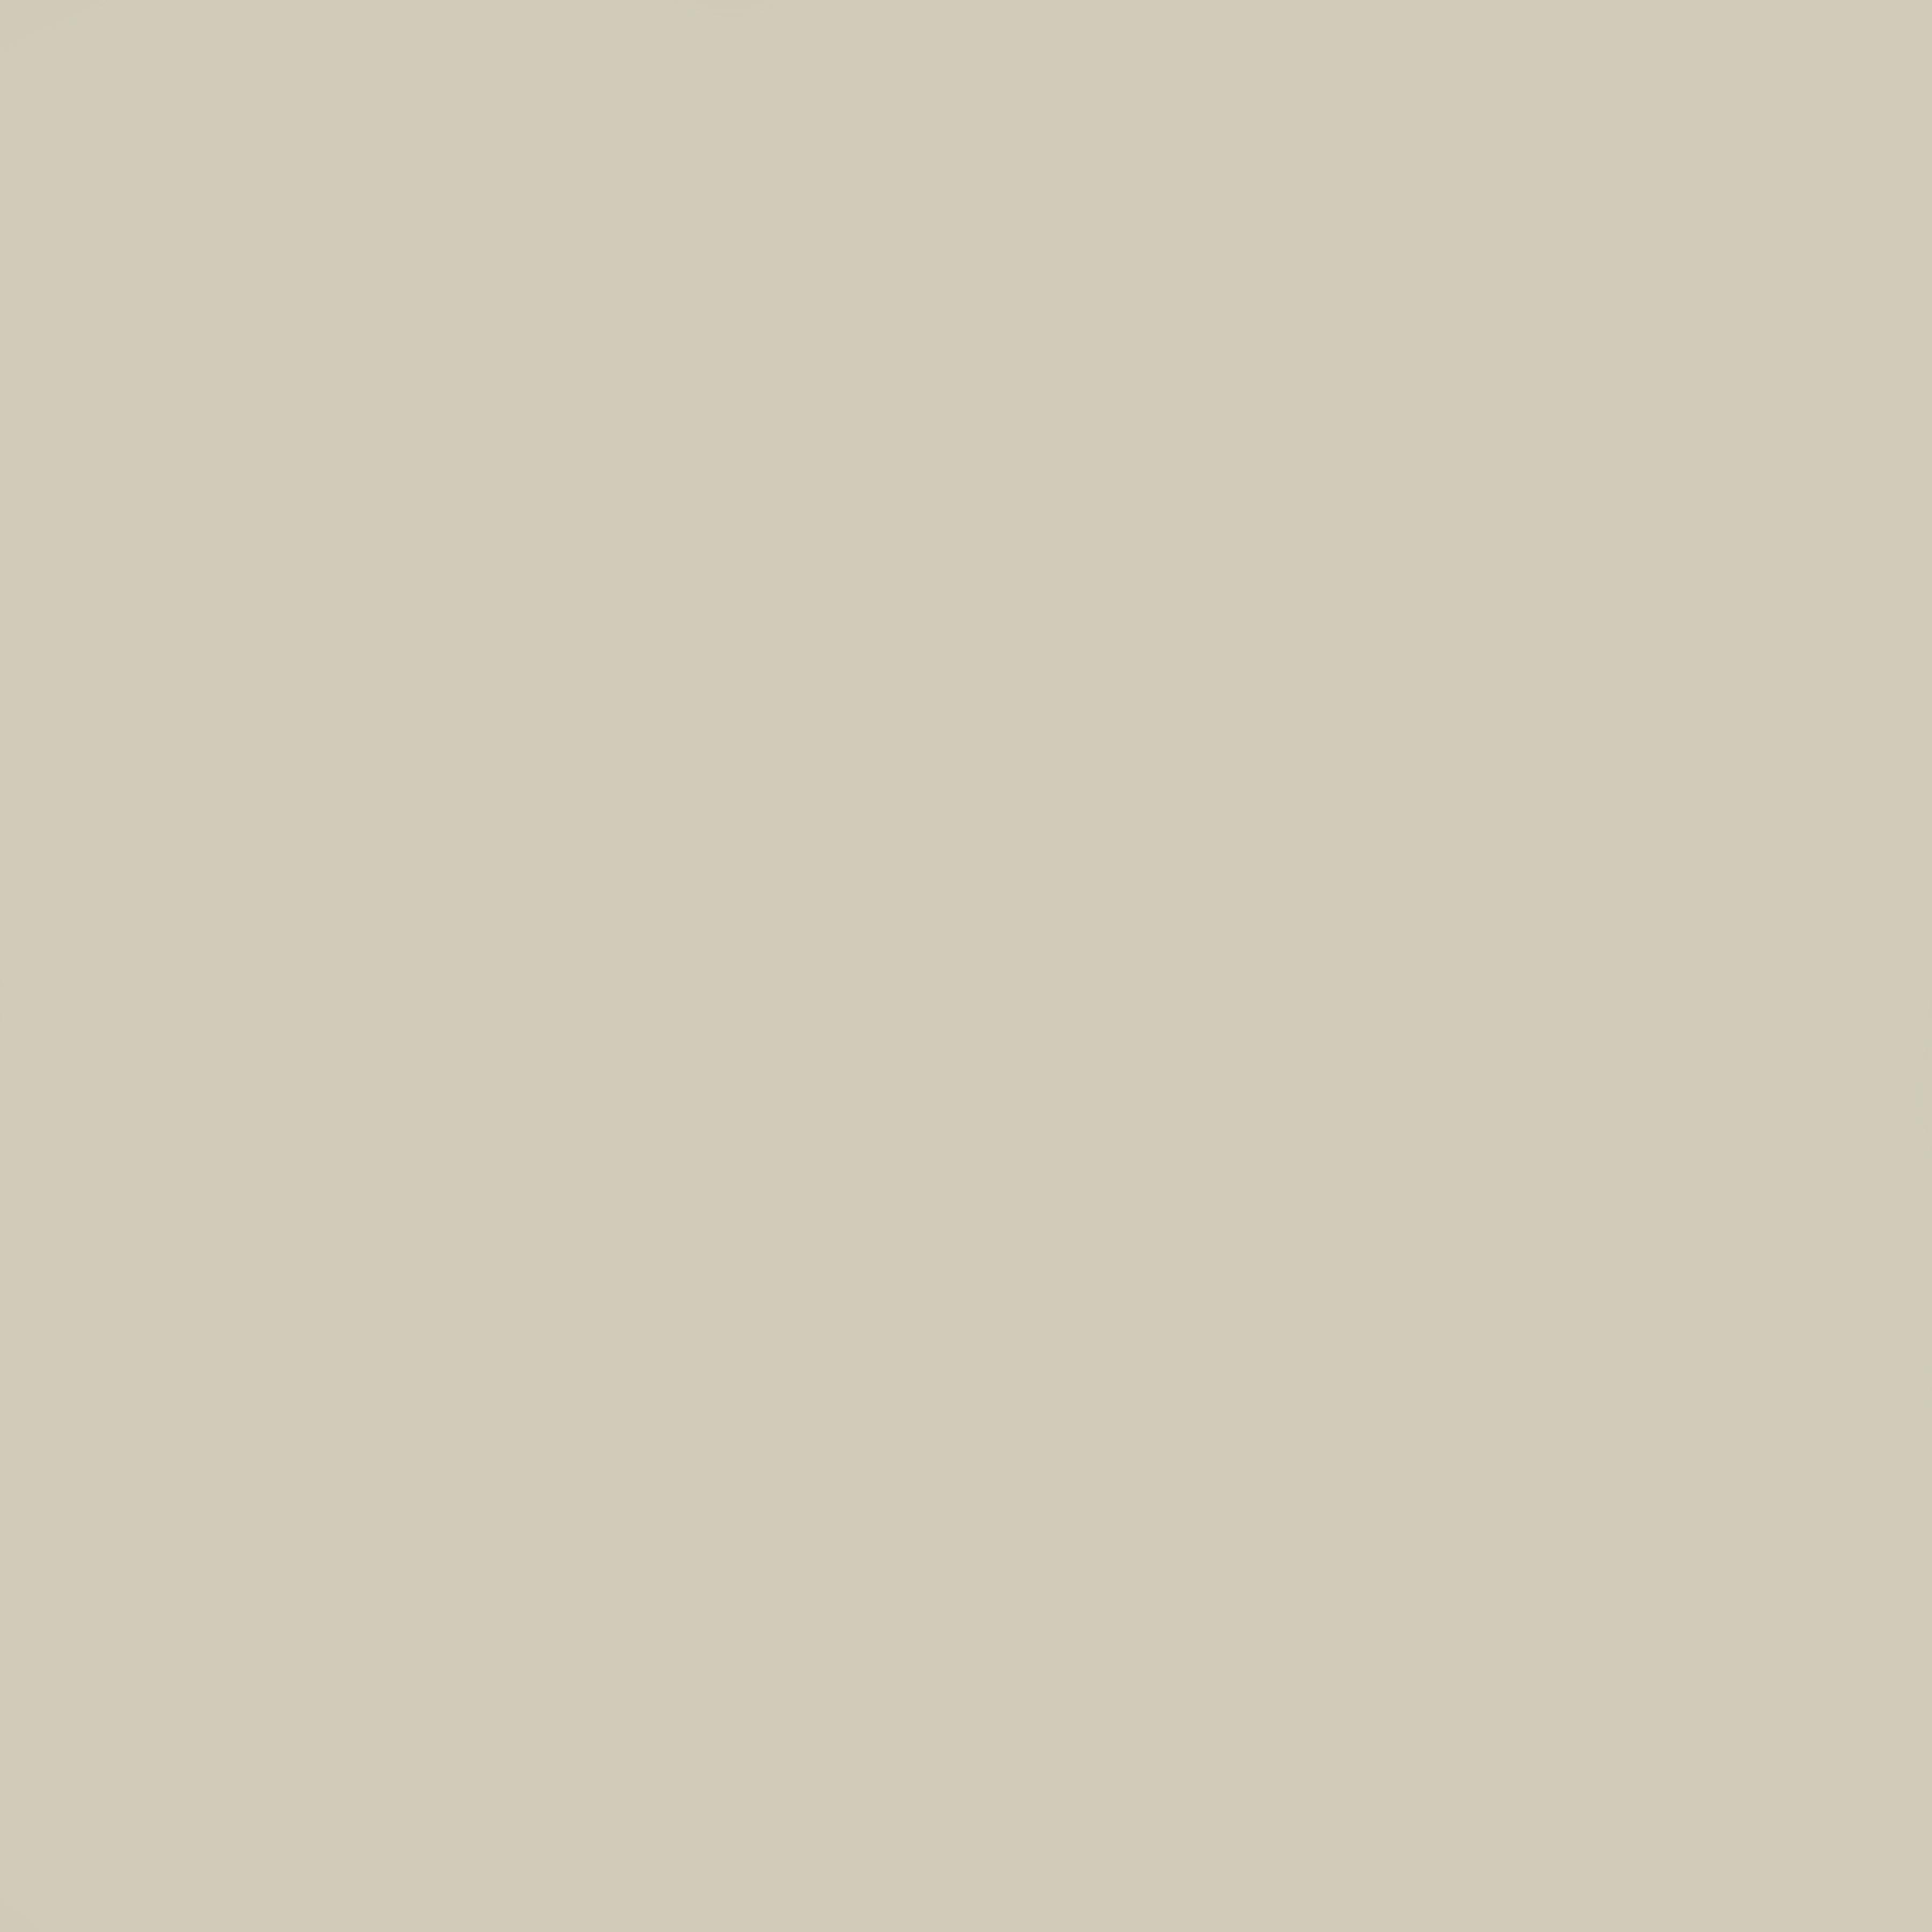 Szarobeżowy U15133 MP